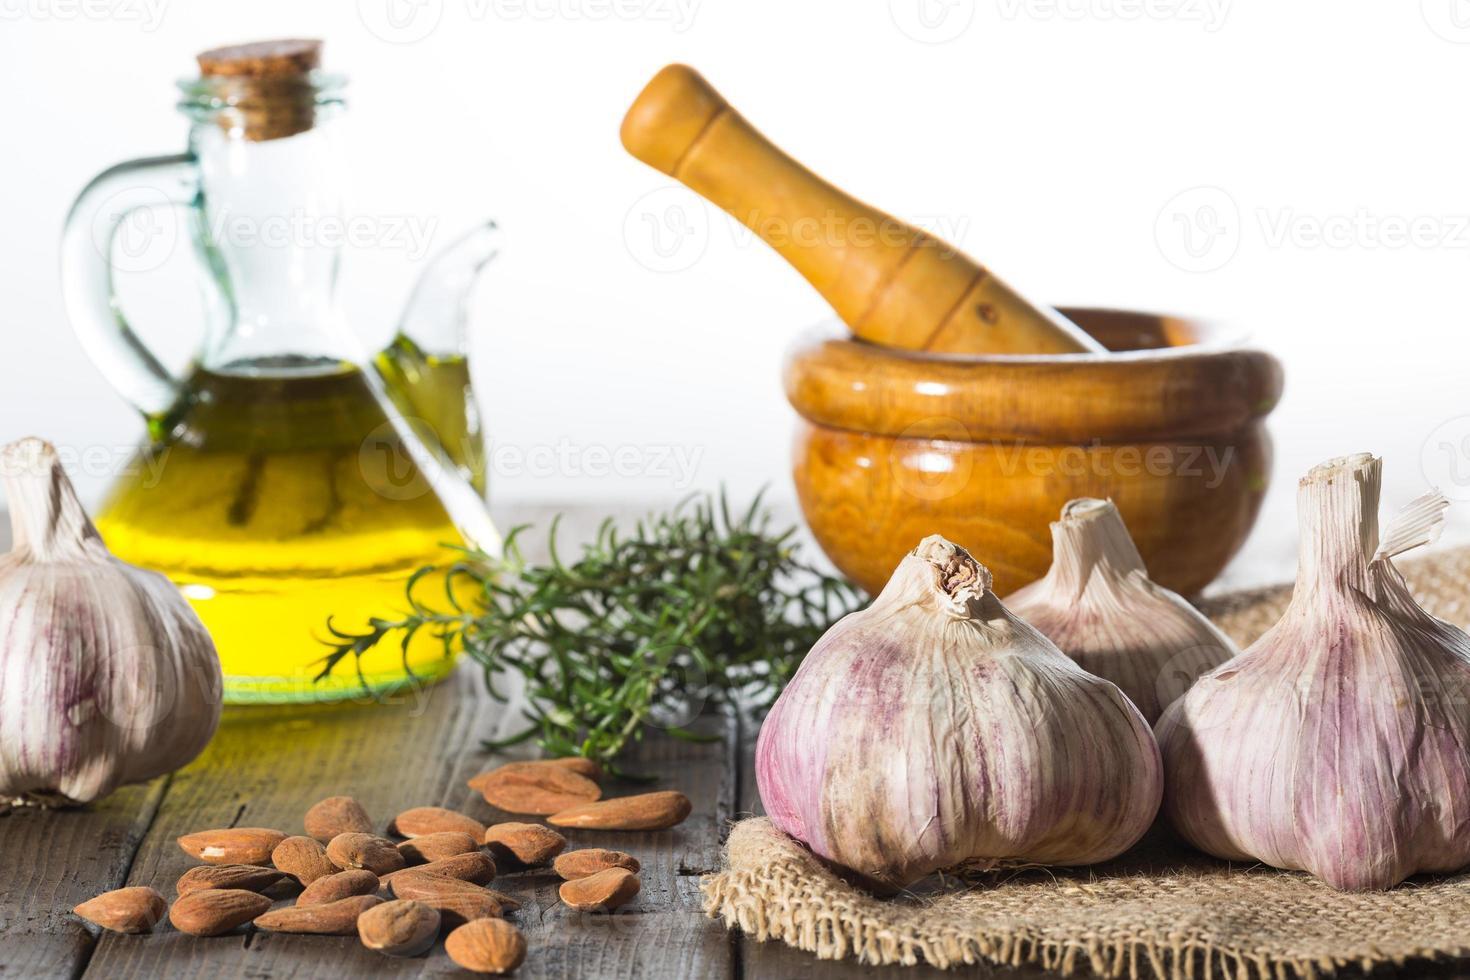 Garlic and mortar photo